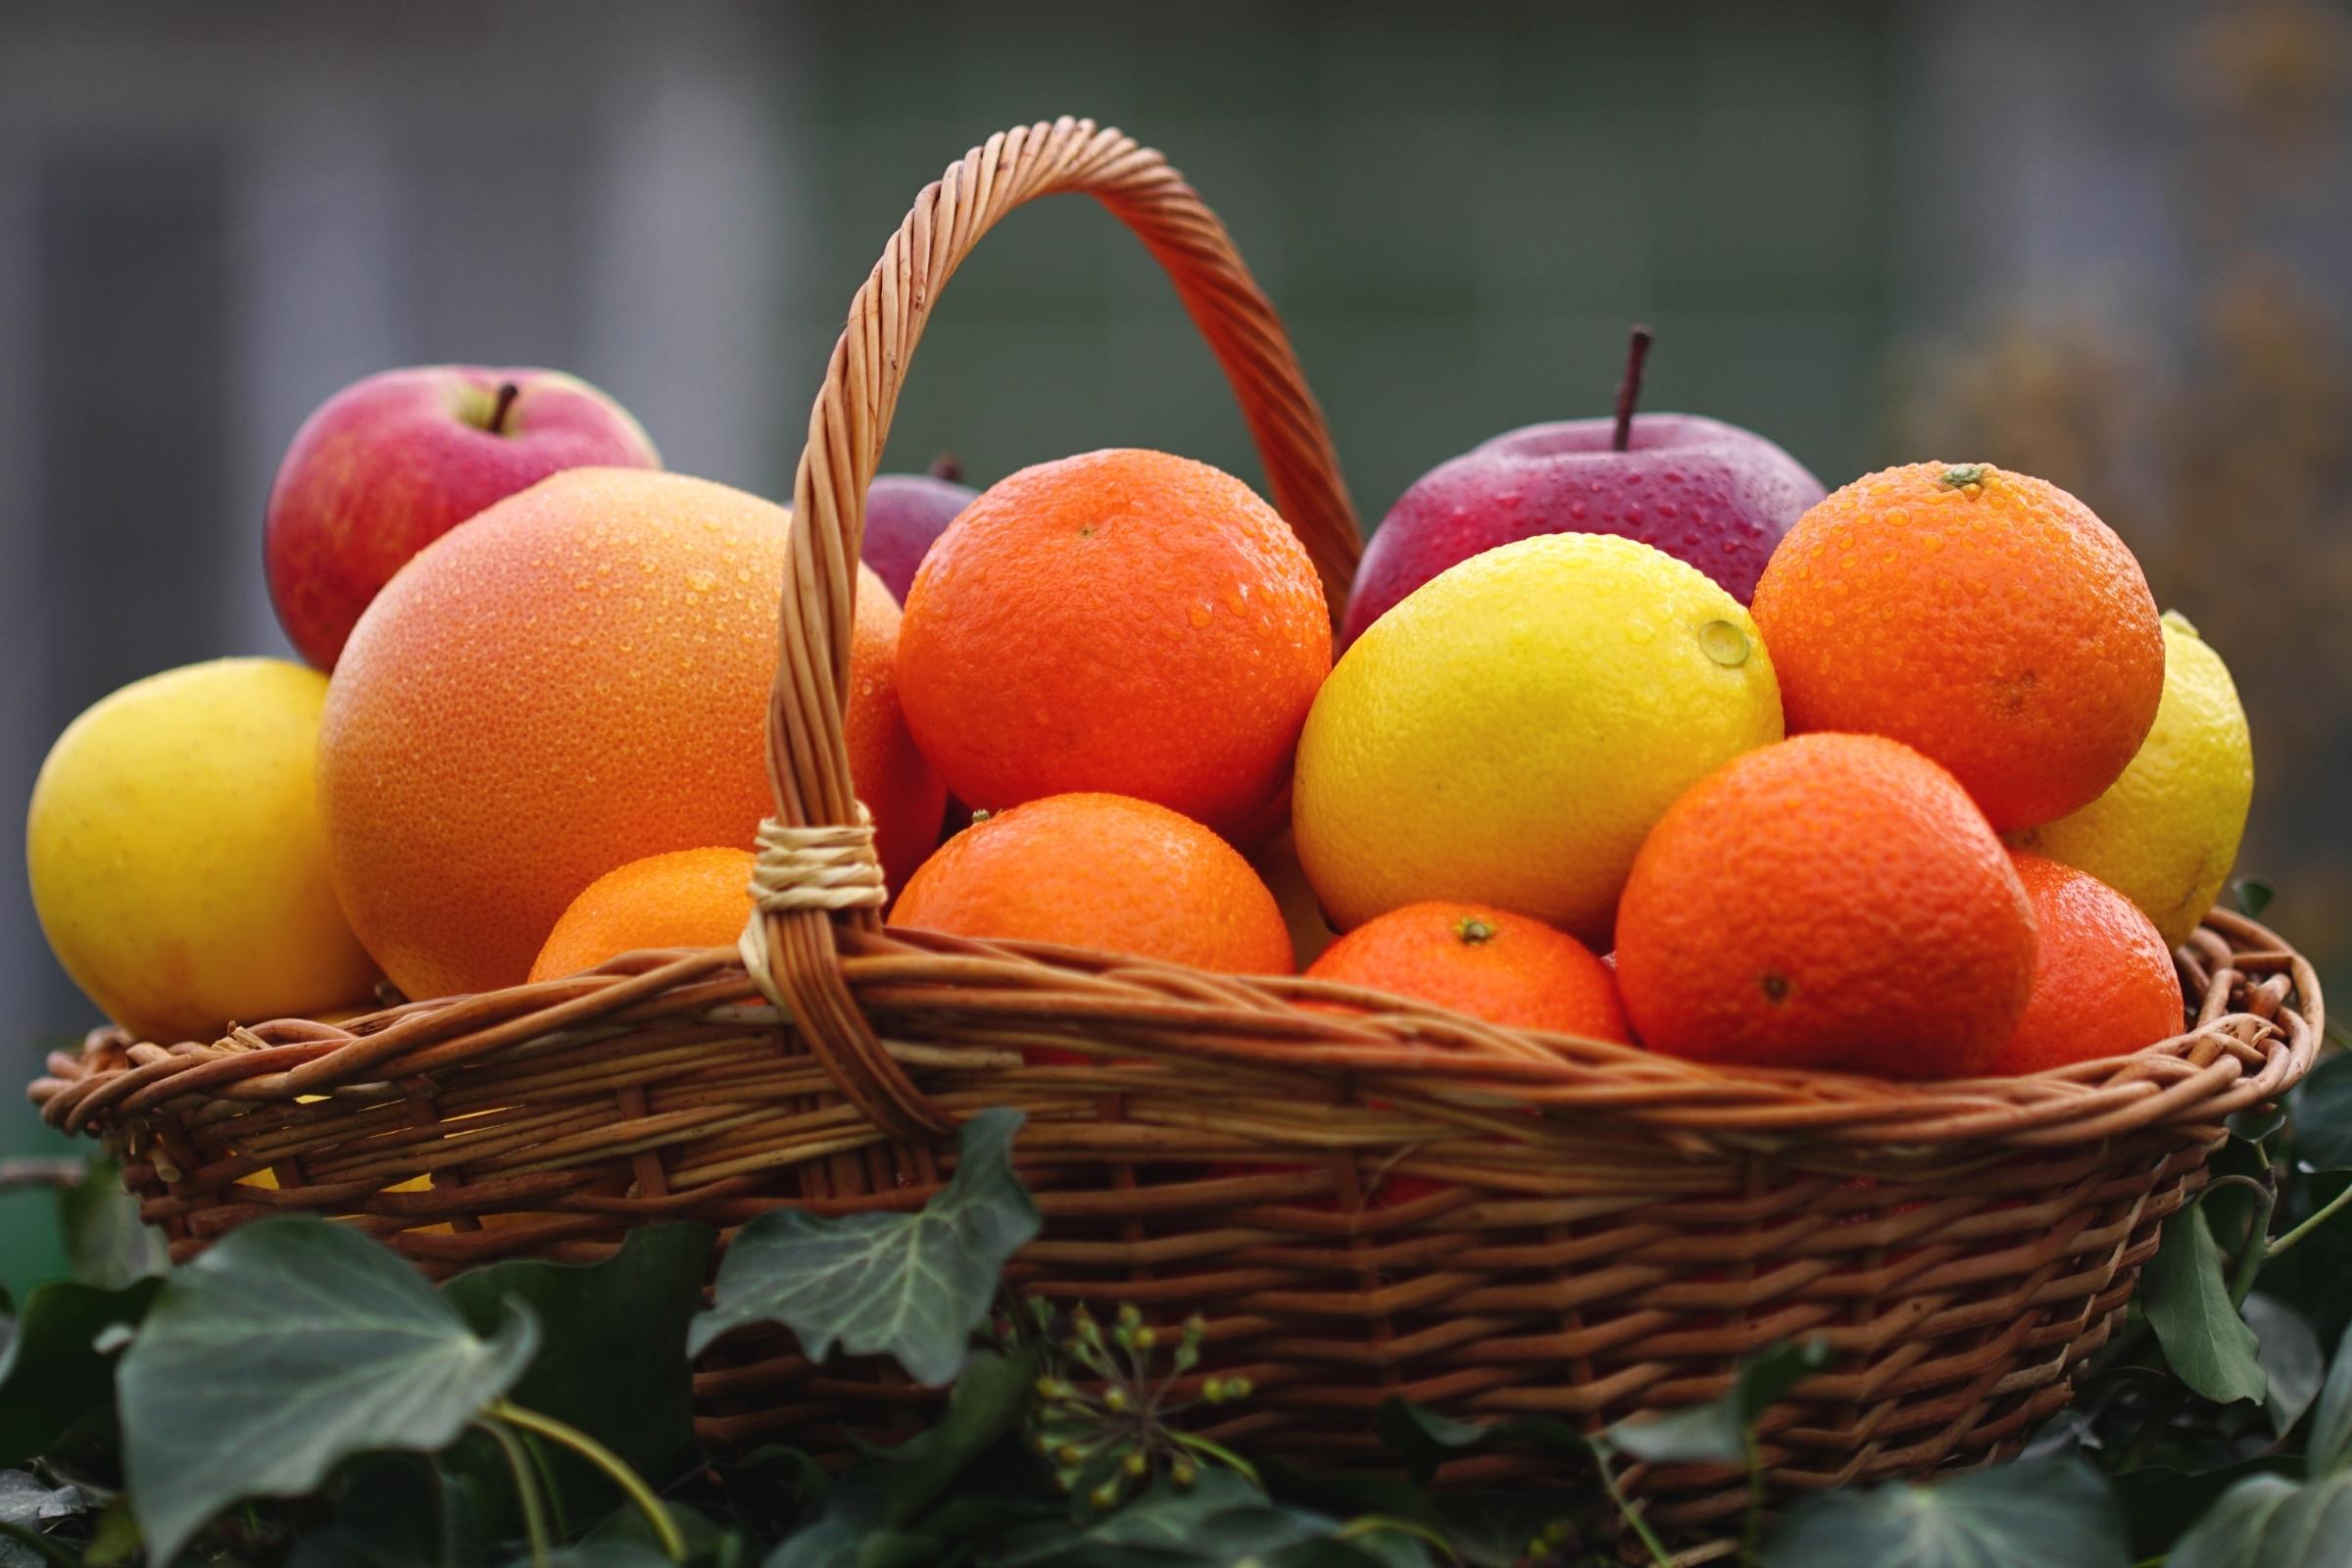 картинка апельсина и яблоками